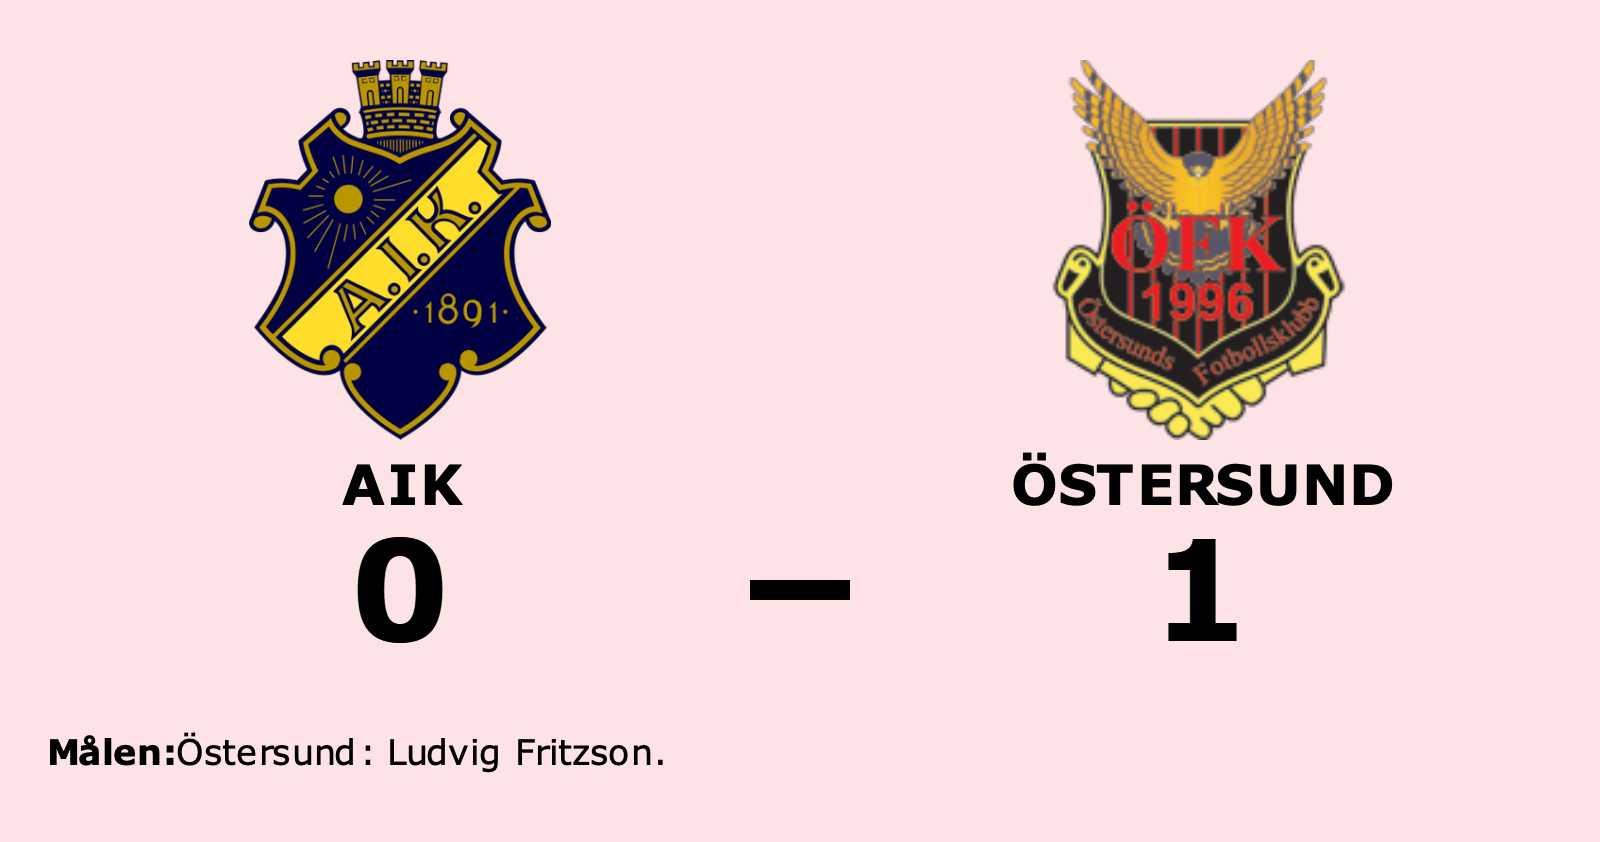 Ludvig Fritzson avgjorde när Östersund sänkte AIK